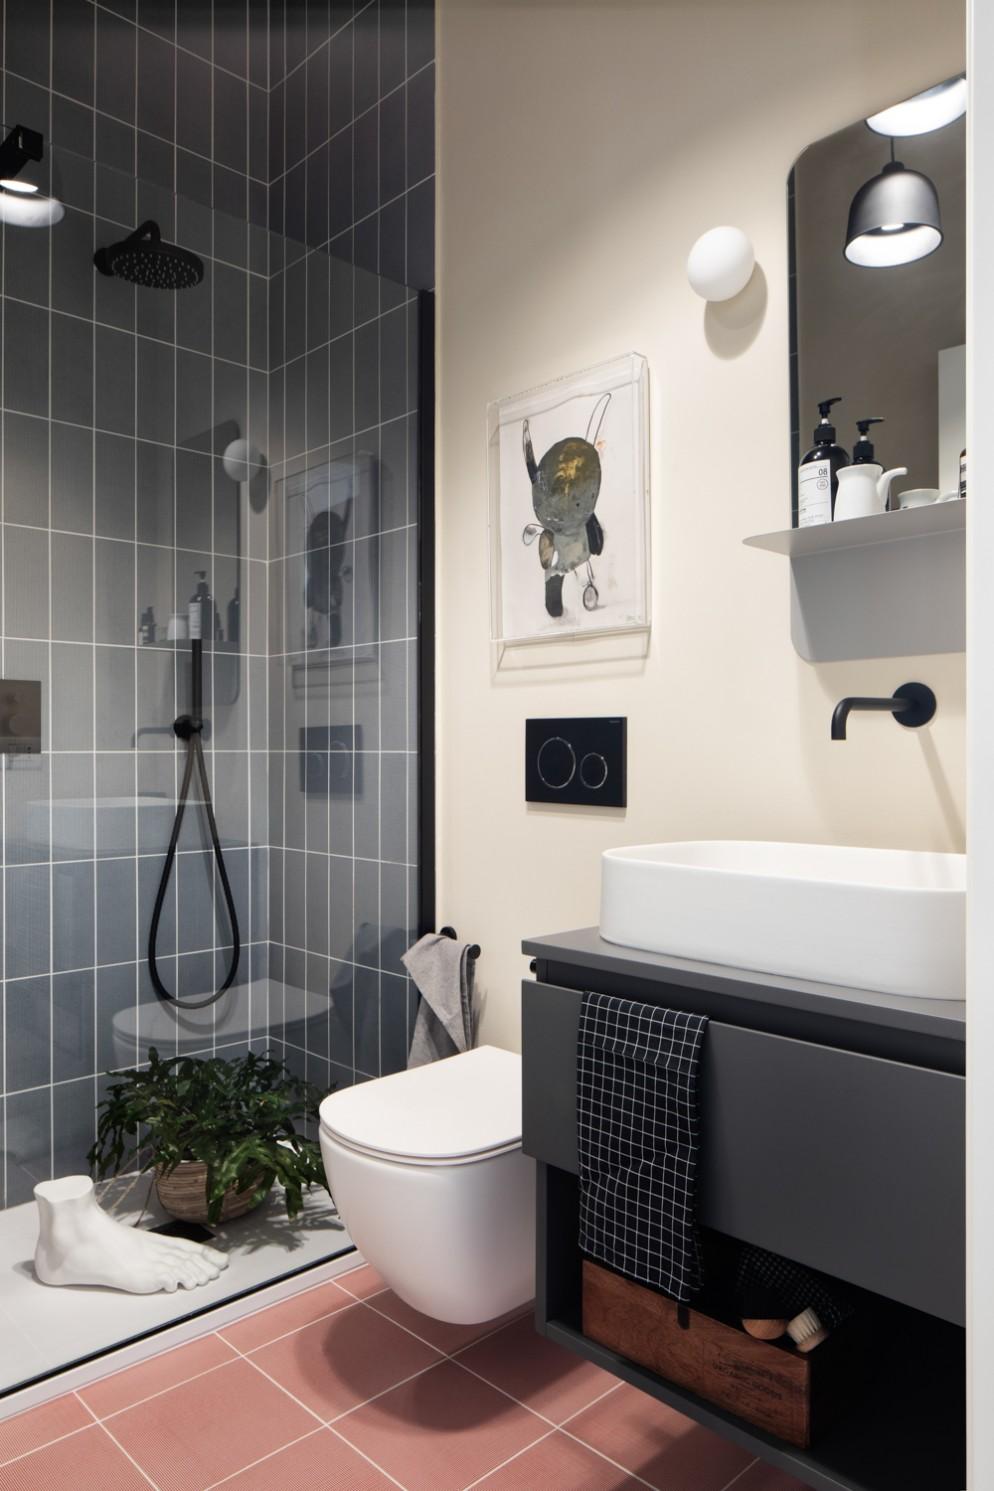 Bagno moderno rubinetteria nera